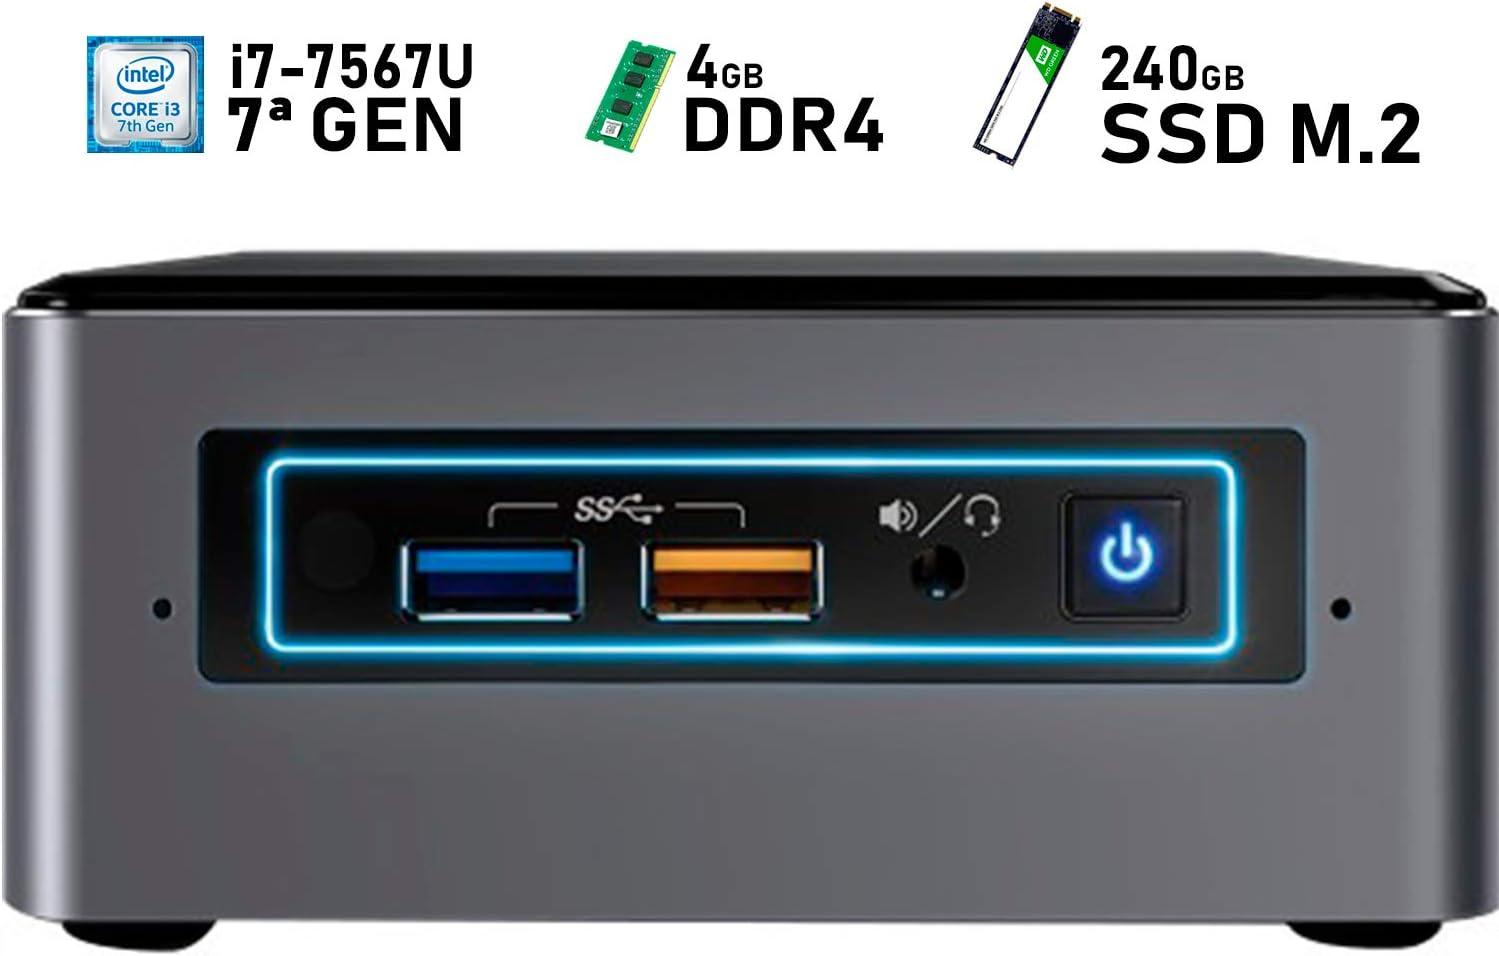 Intel NUC i7-7567U + 8GB DDR4 + 240GB SSD M.2 + Windows 10 Pro ...